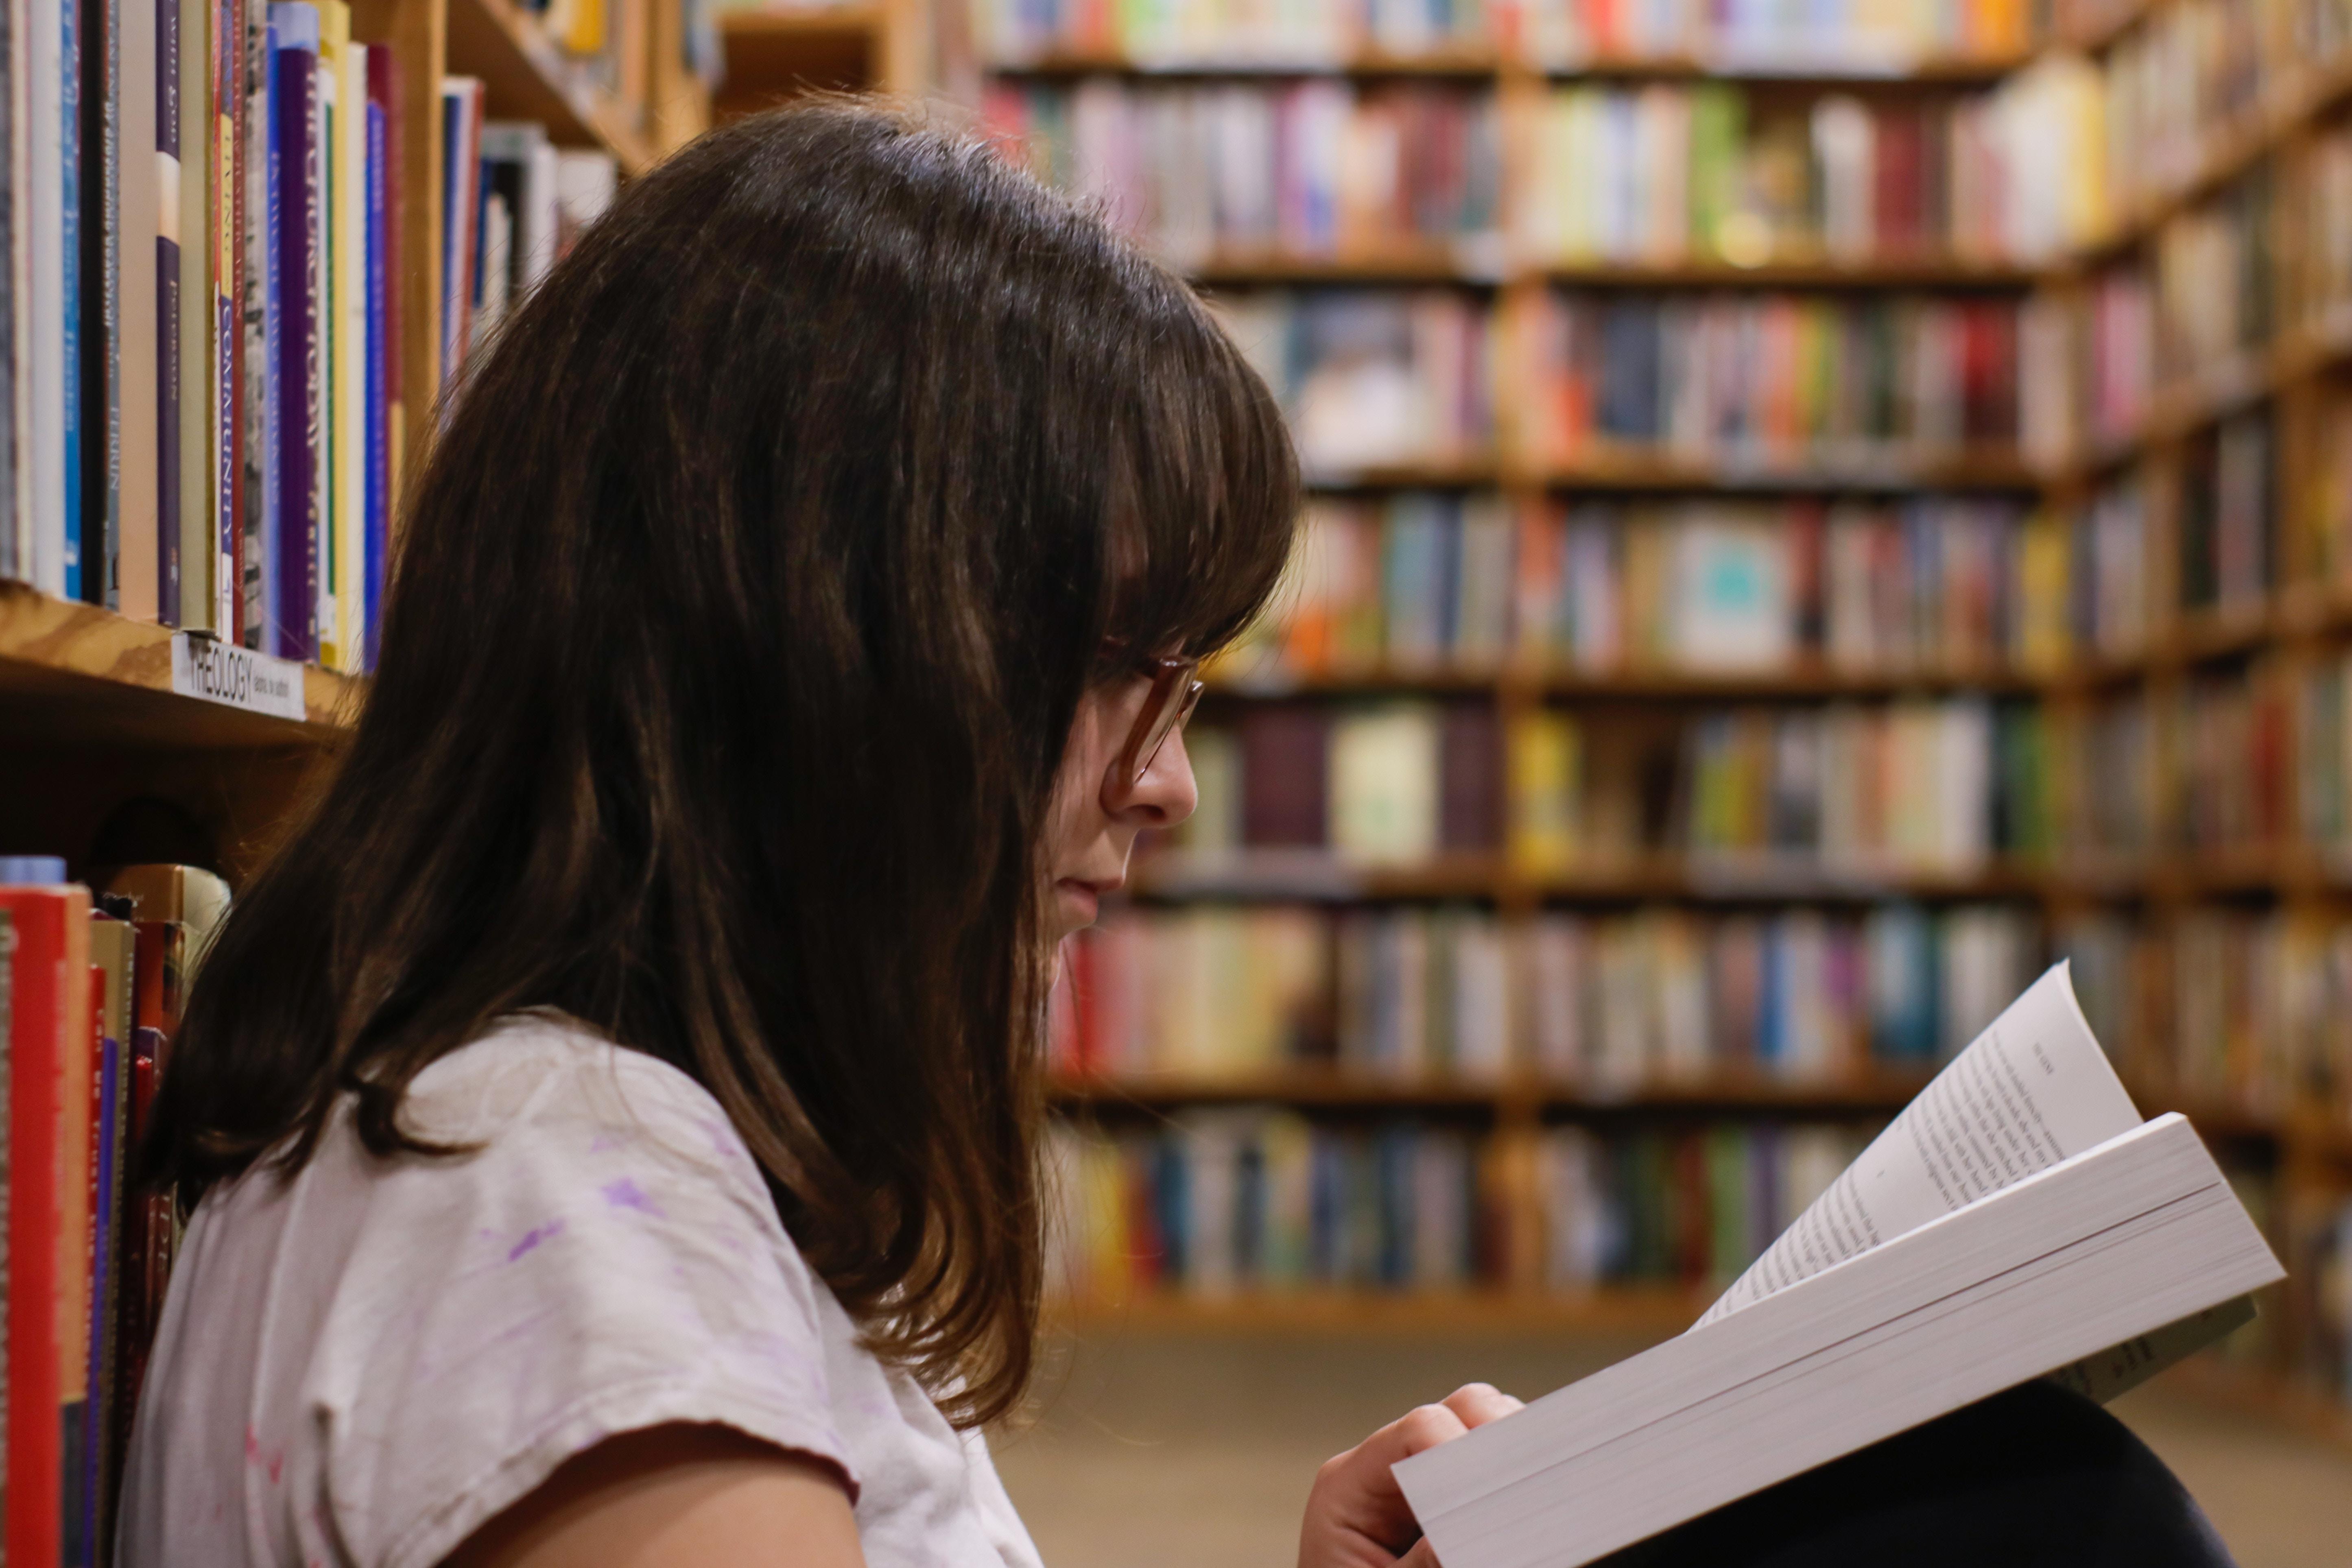 Tyttö lukee kirjaa kirjastossa